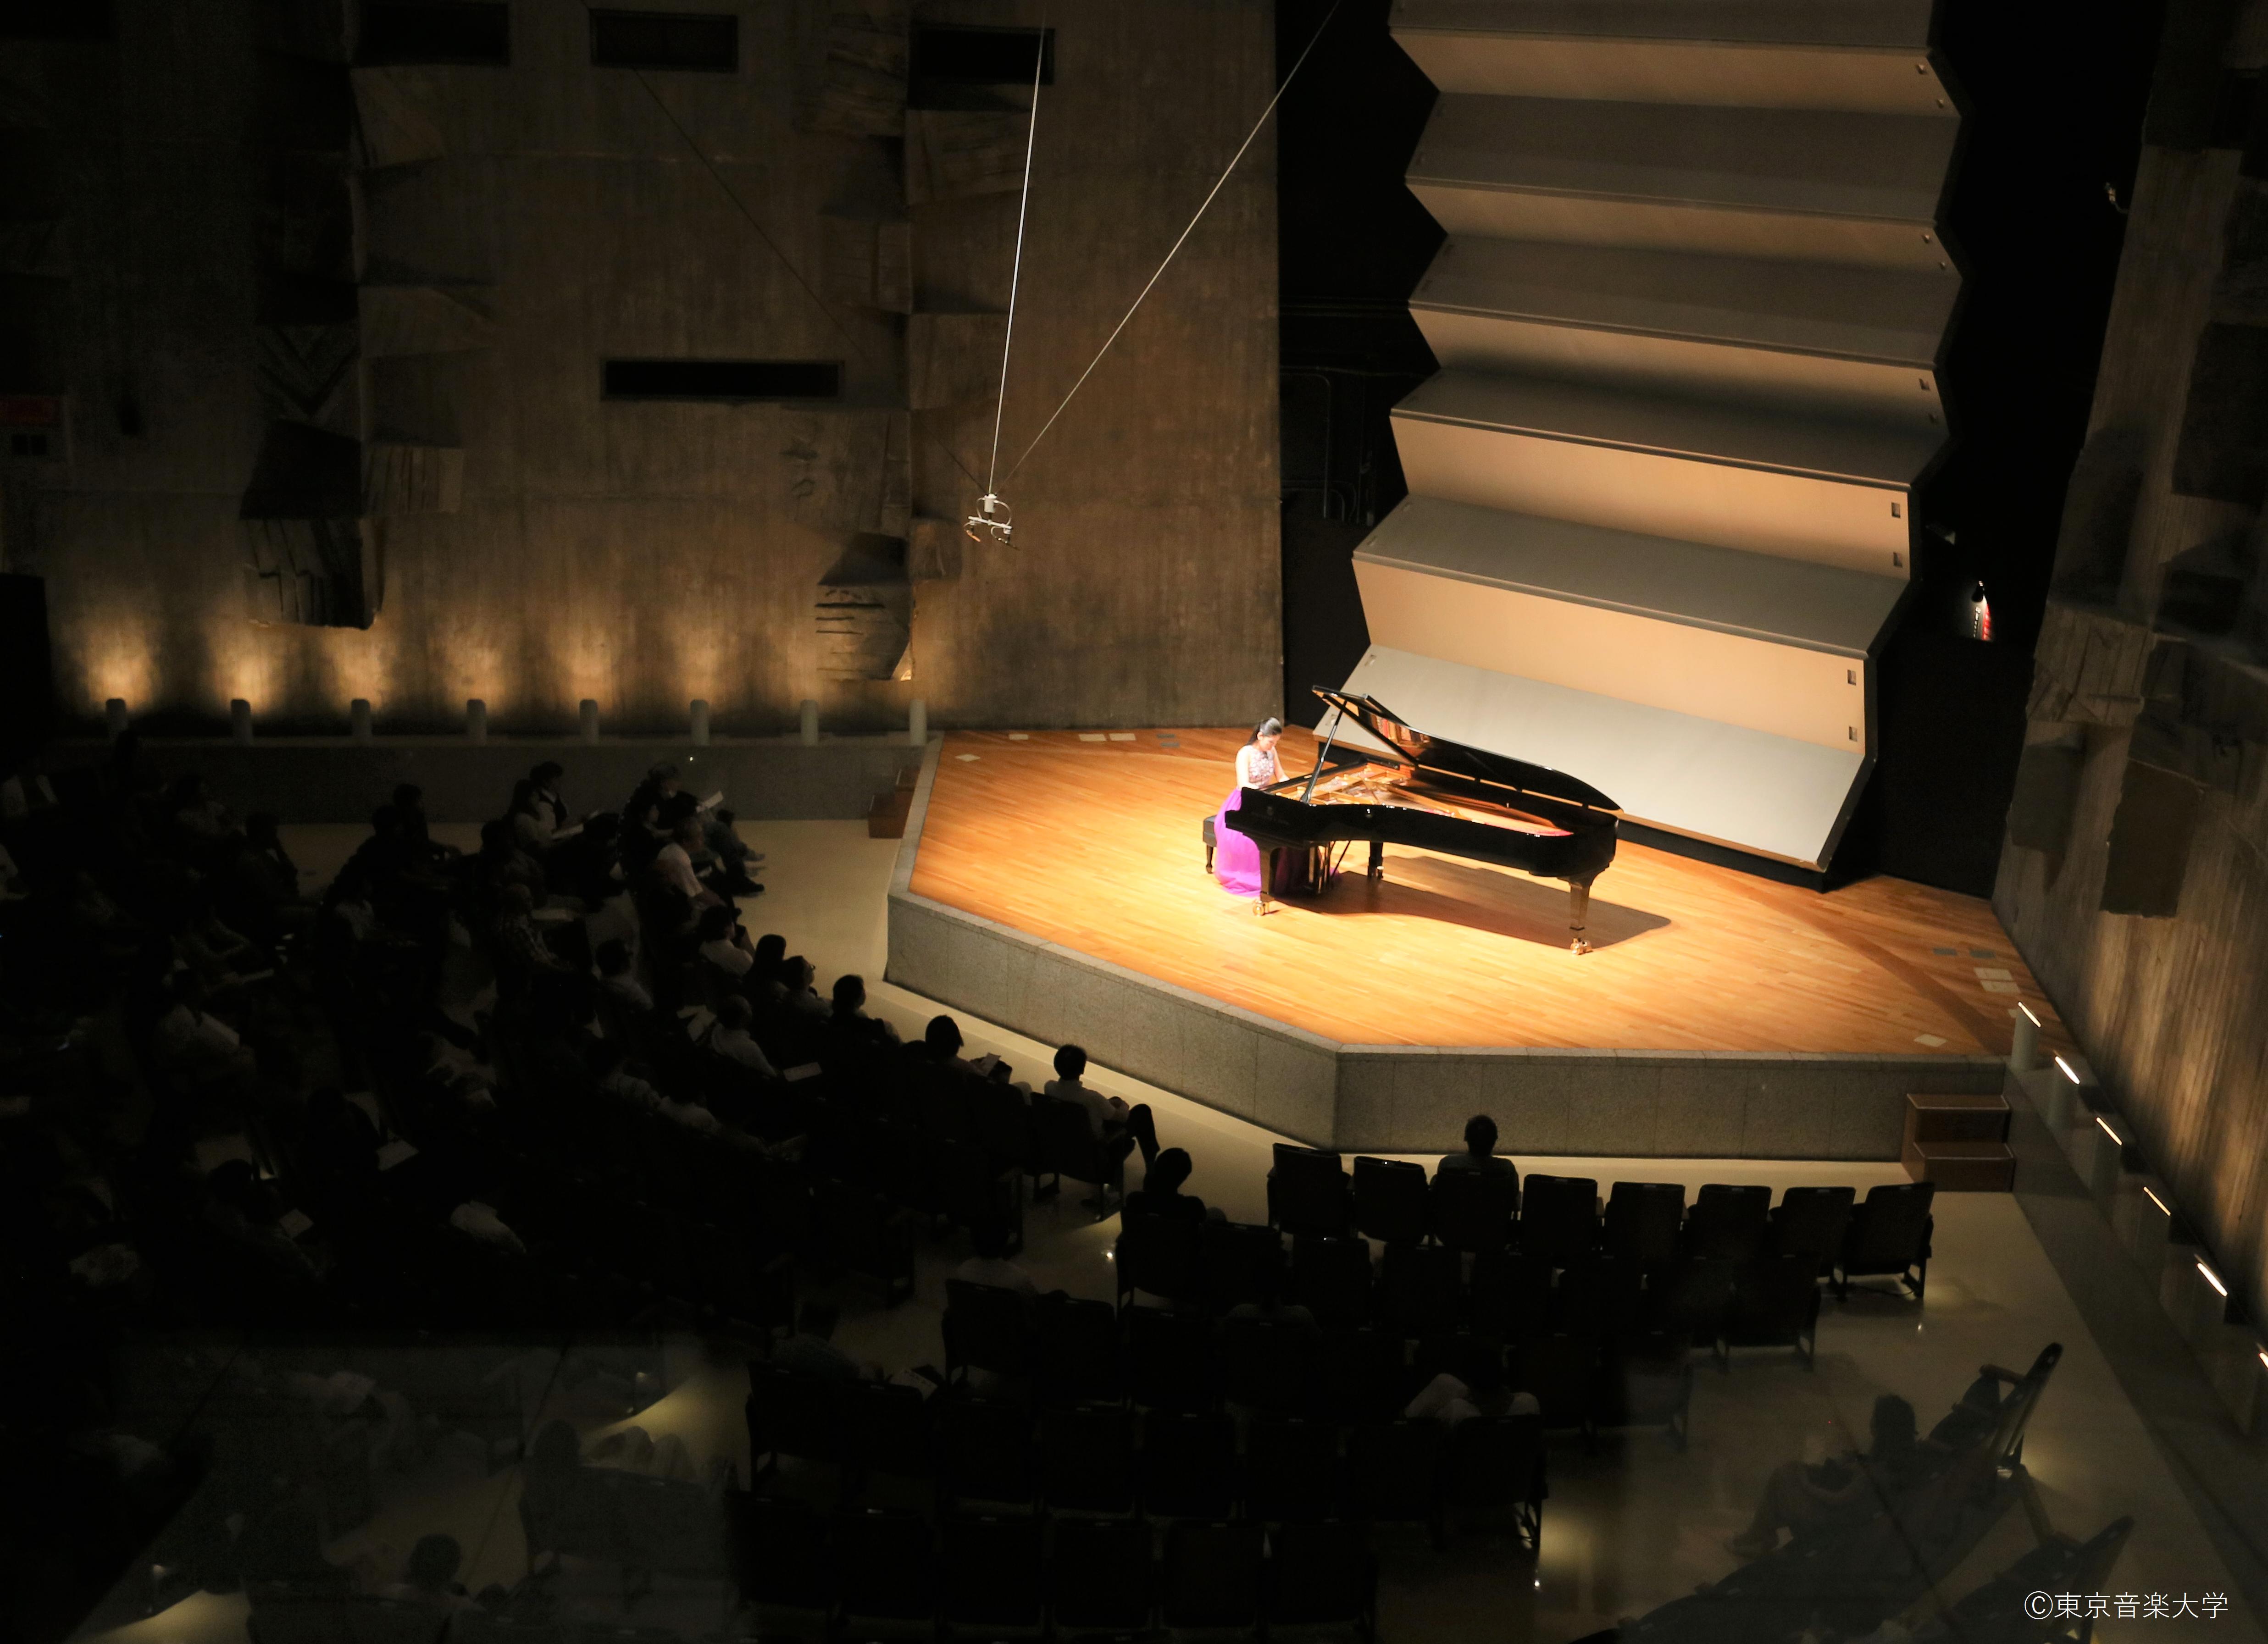 ピアノ演奏会~ピアノ演奏家コース成績優秀者による~のレポートを掲載しました